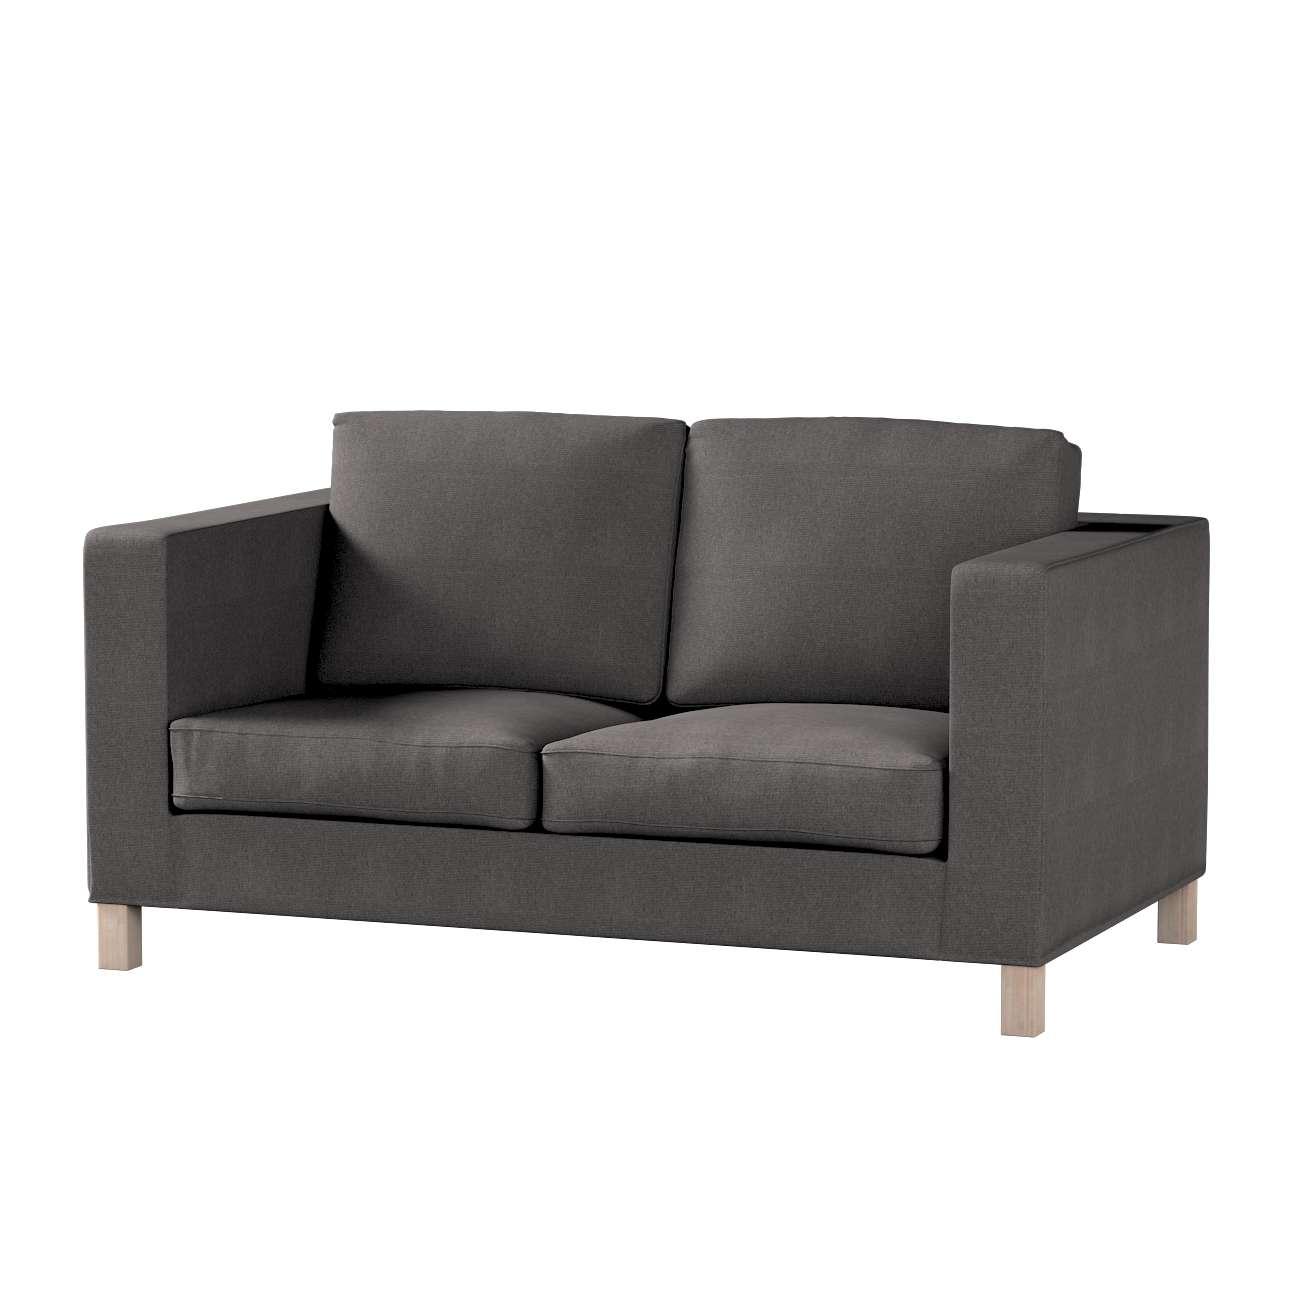 Potah na pohovku IKEA  Karlanda 2-místná, krátký pohovka Karlanda 2-os v kolekci Etna, látka: 705-35